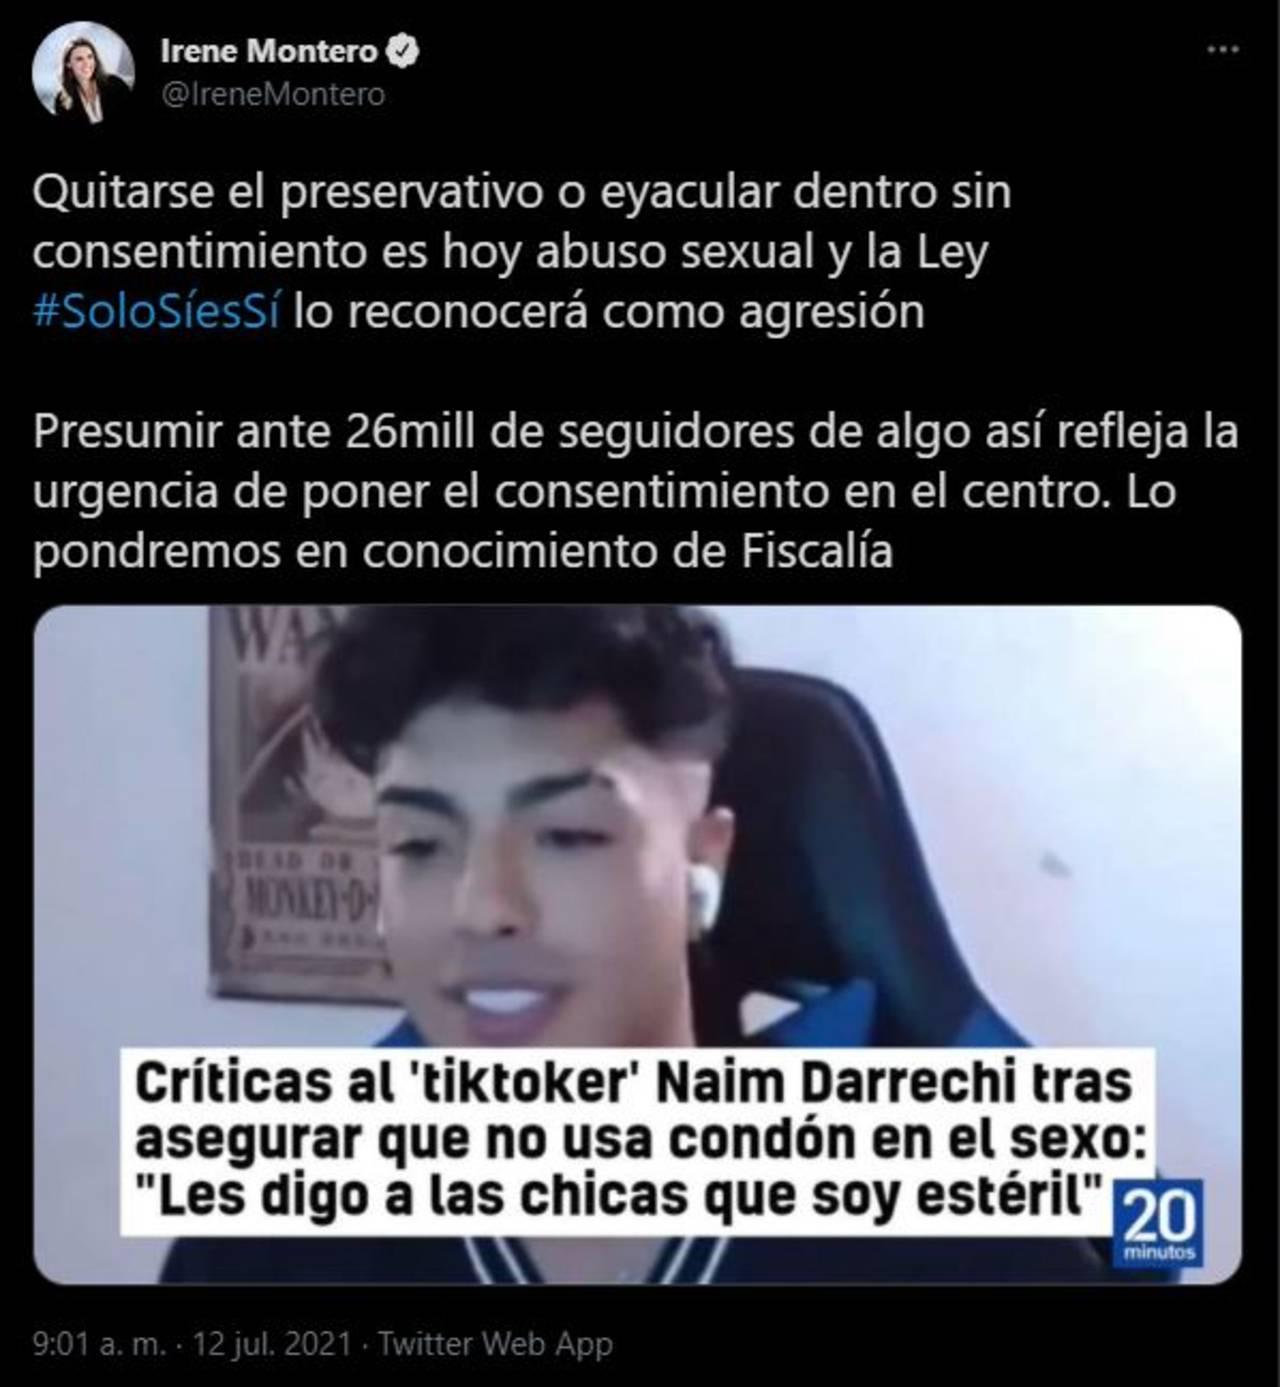 Naim Darrechi tiktoker admite quitarse el condón sin consentimiento